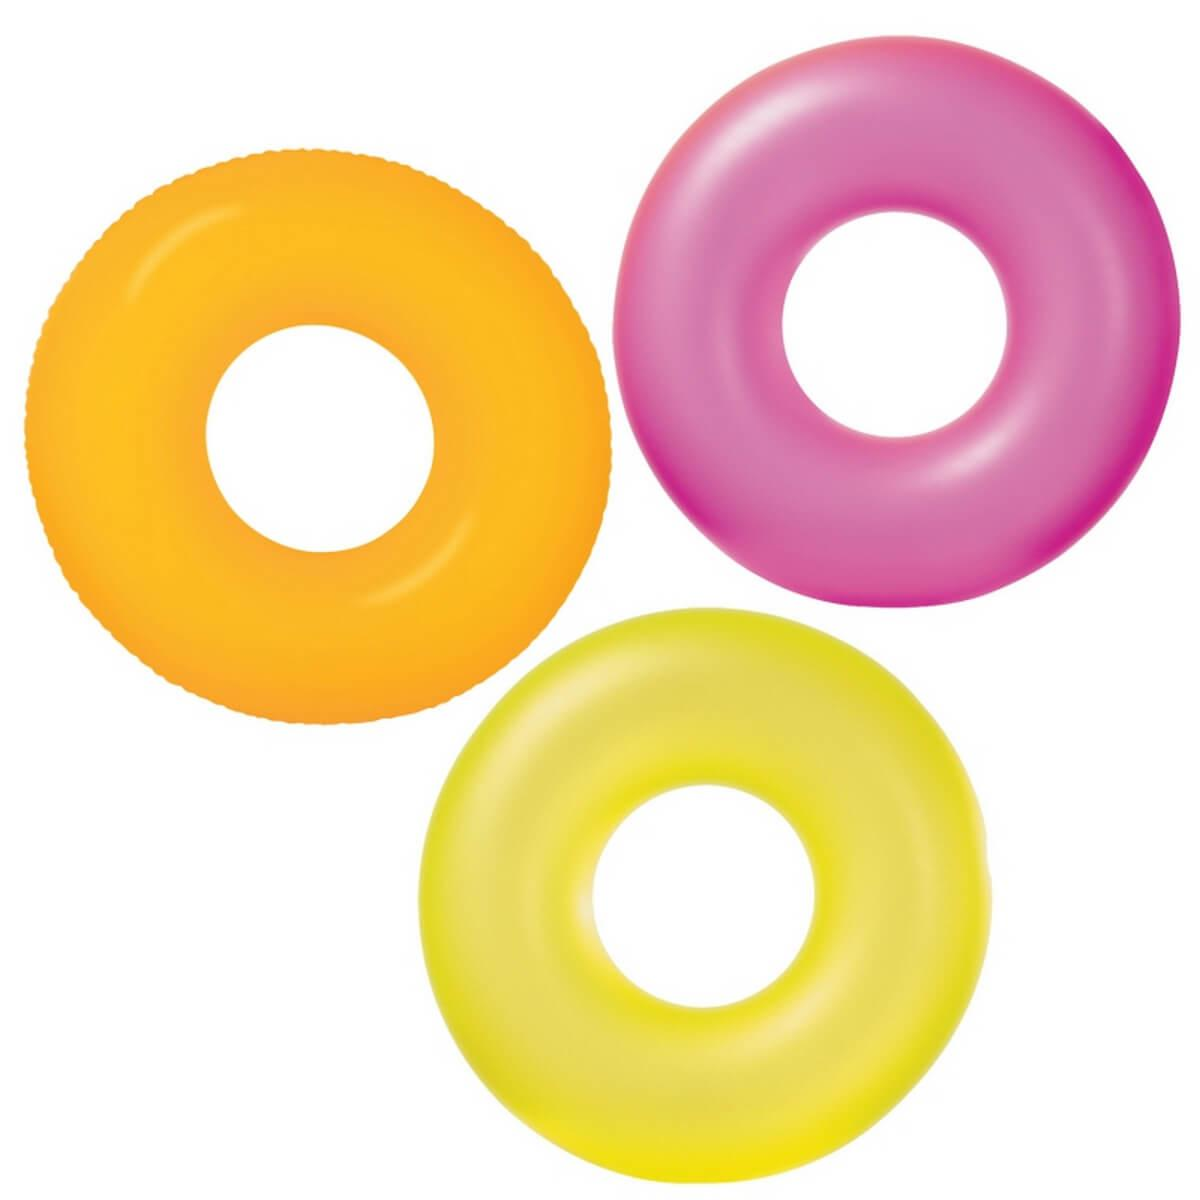 """Надувной круг """"Неон"""" Intex 59262 3 цвета диаметром 91см от 8 лет"""